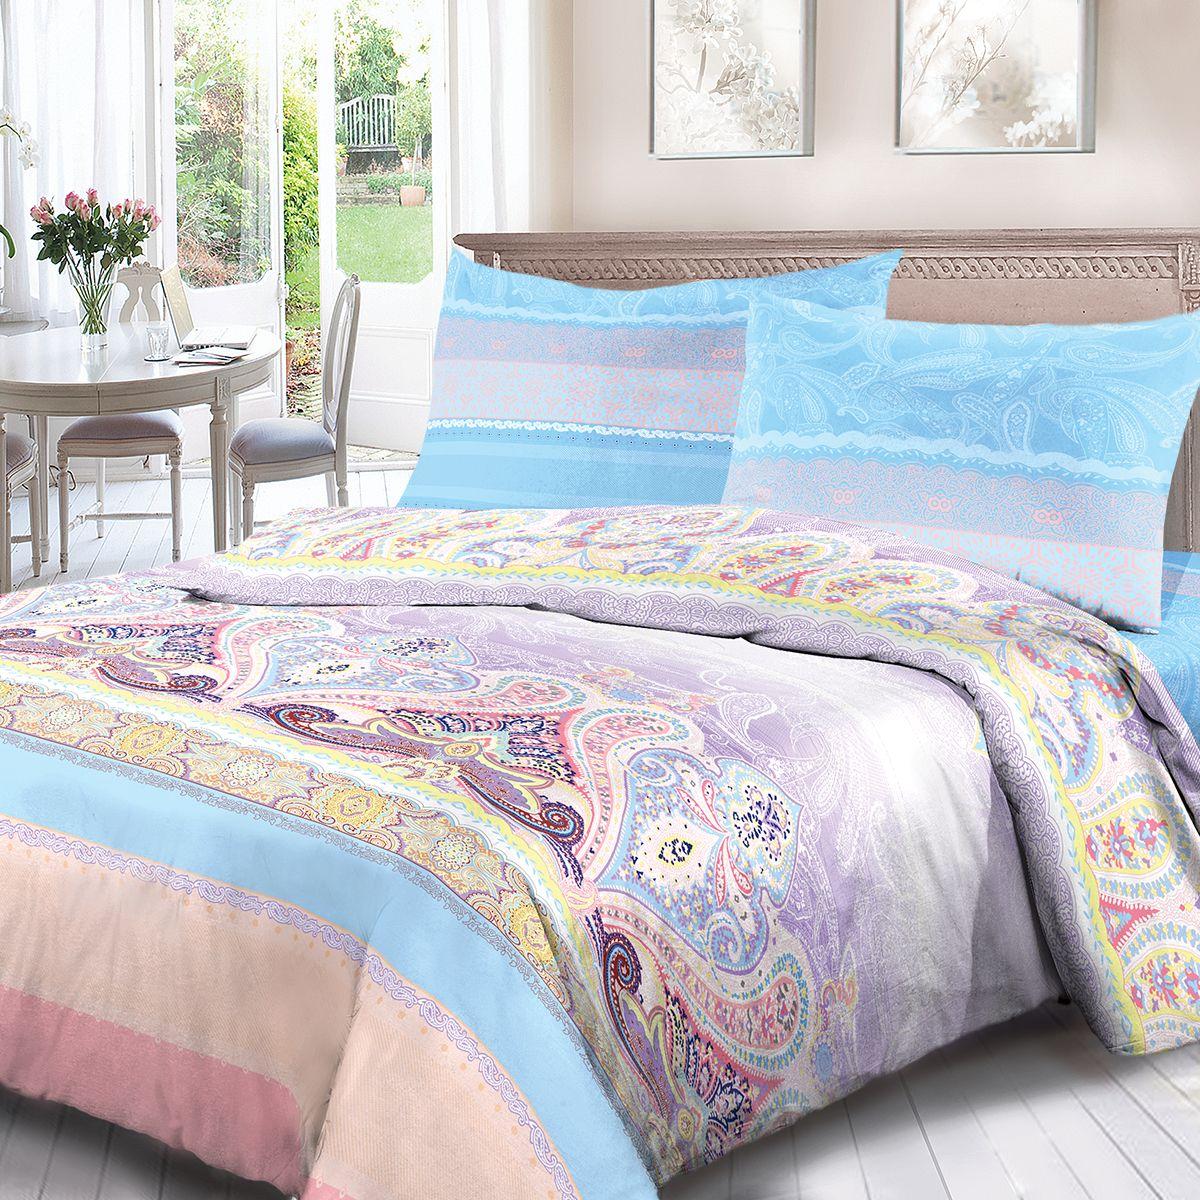 Комплект белья Для Снов Дива, 2-х спальное, наволочки 70x70, цвет: сиреневый. 4063-183523